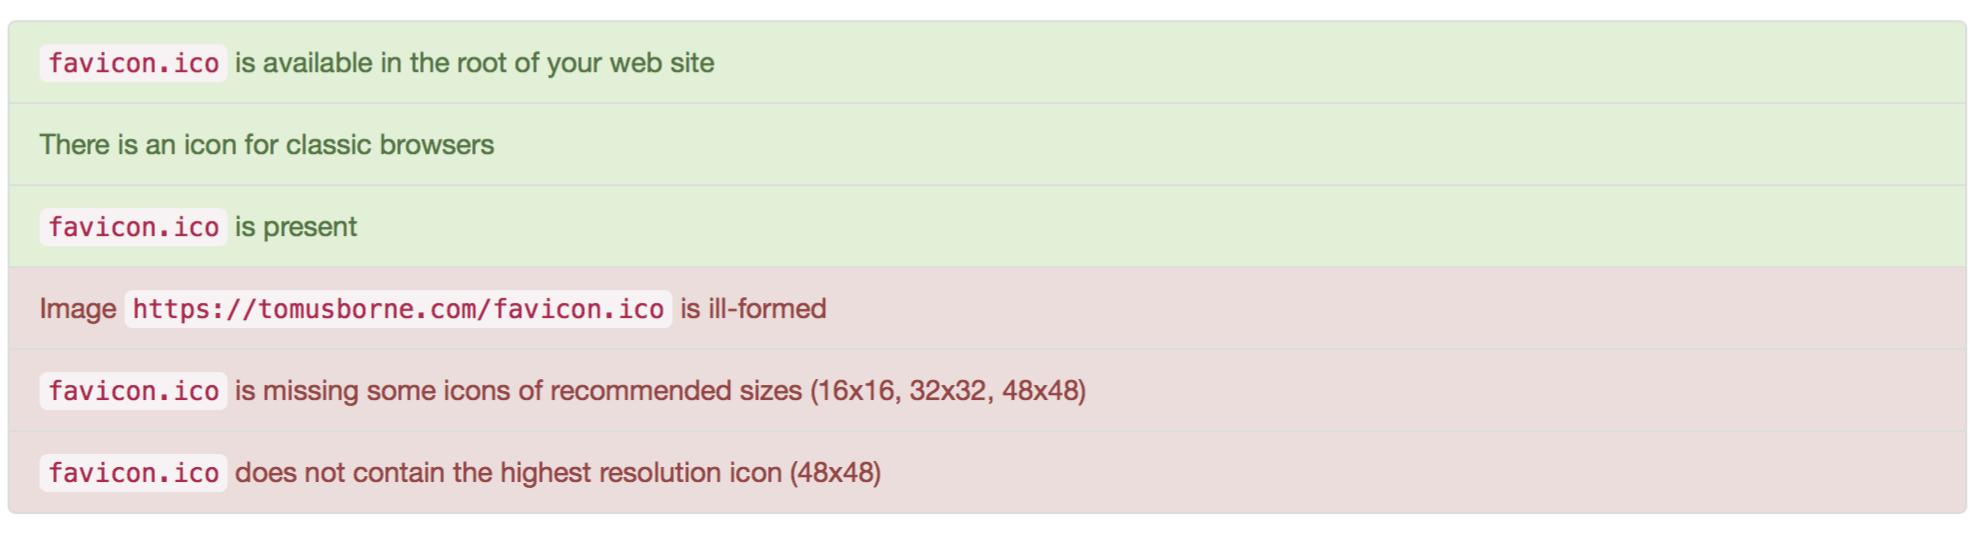 favicon.ico file not found